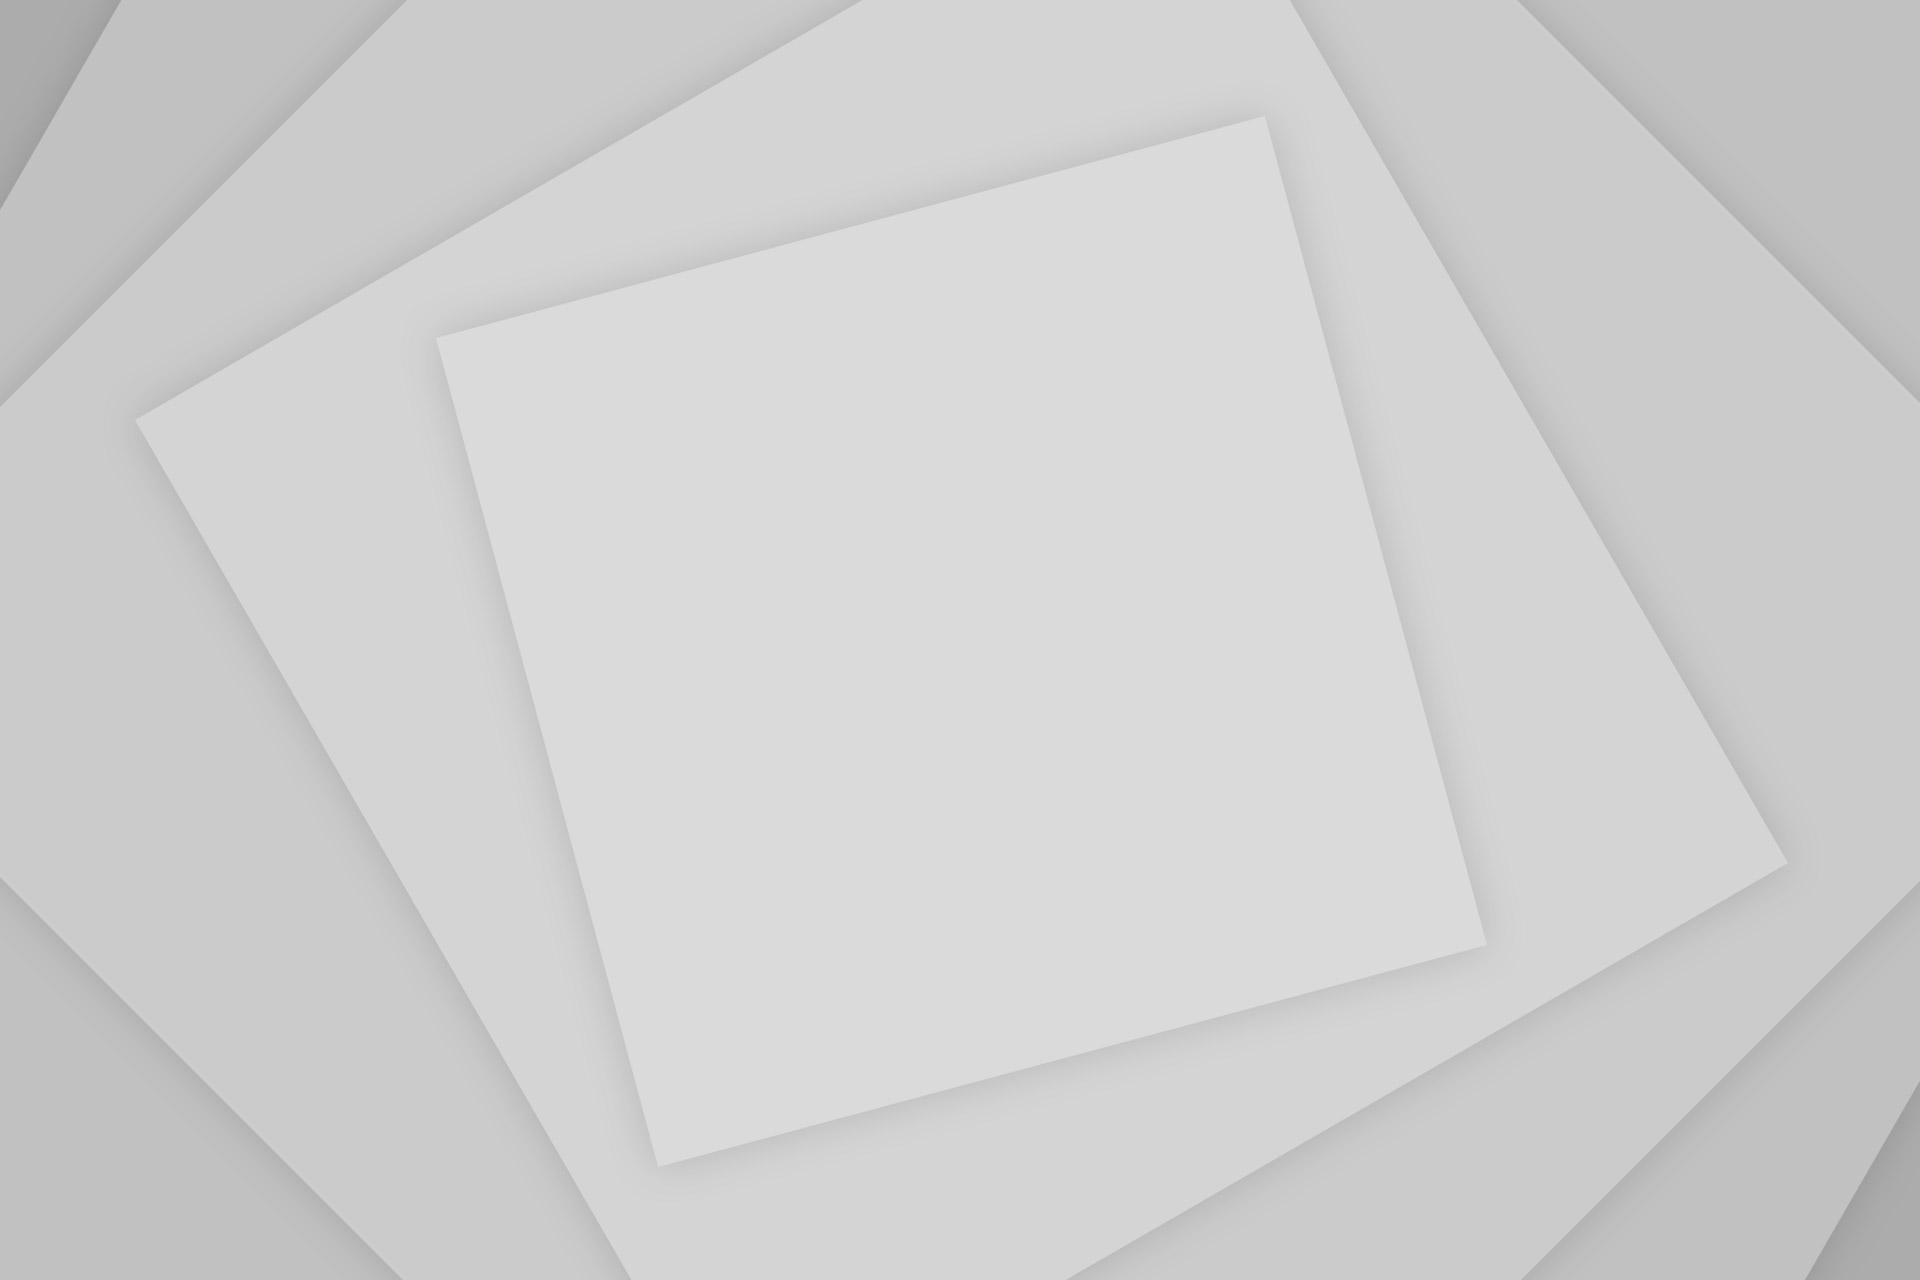 J.K. Simmons se unió al cast del revival de Veronica Mars